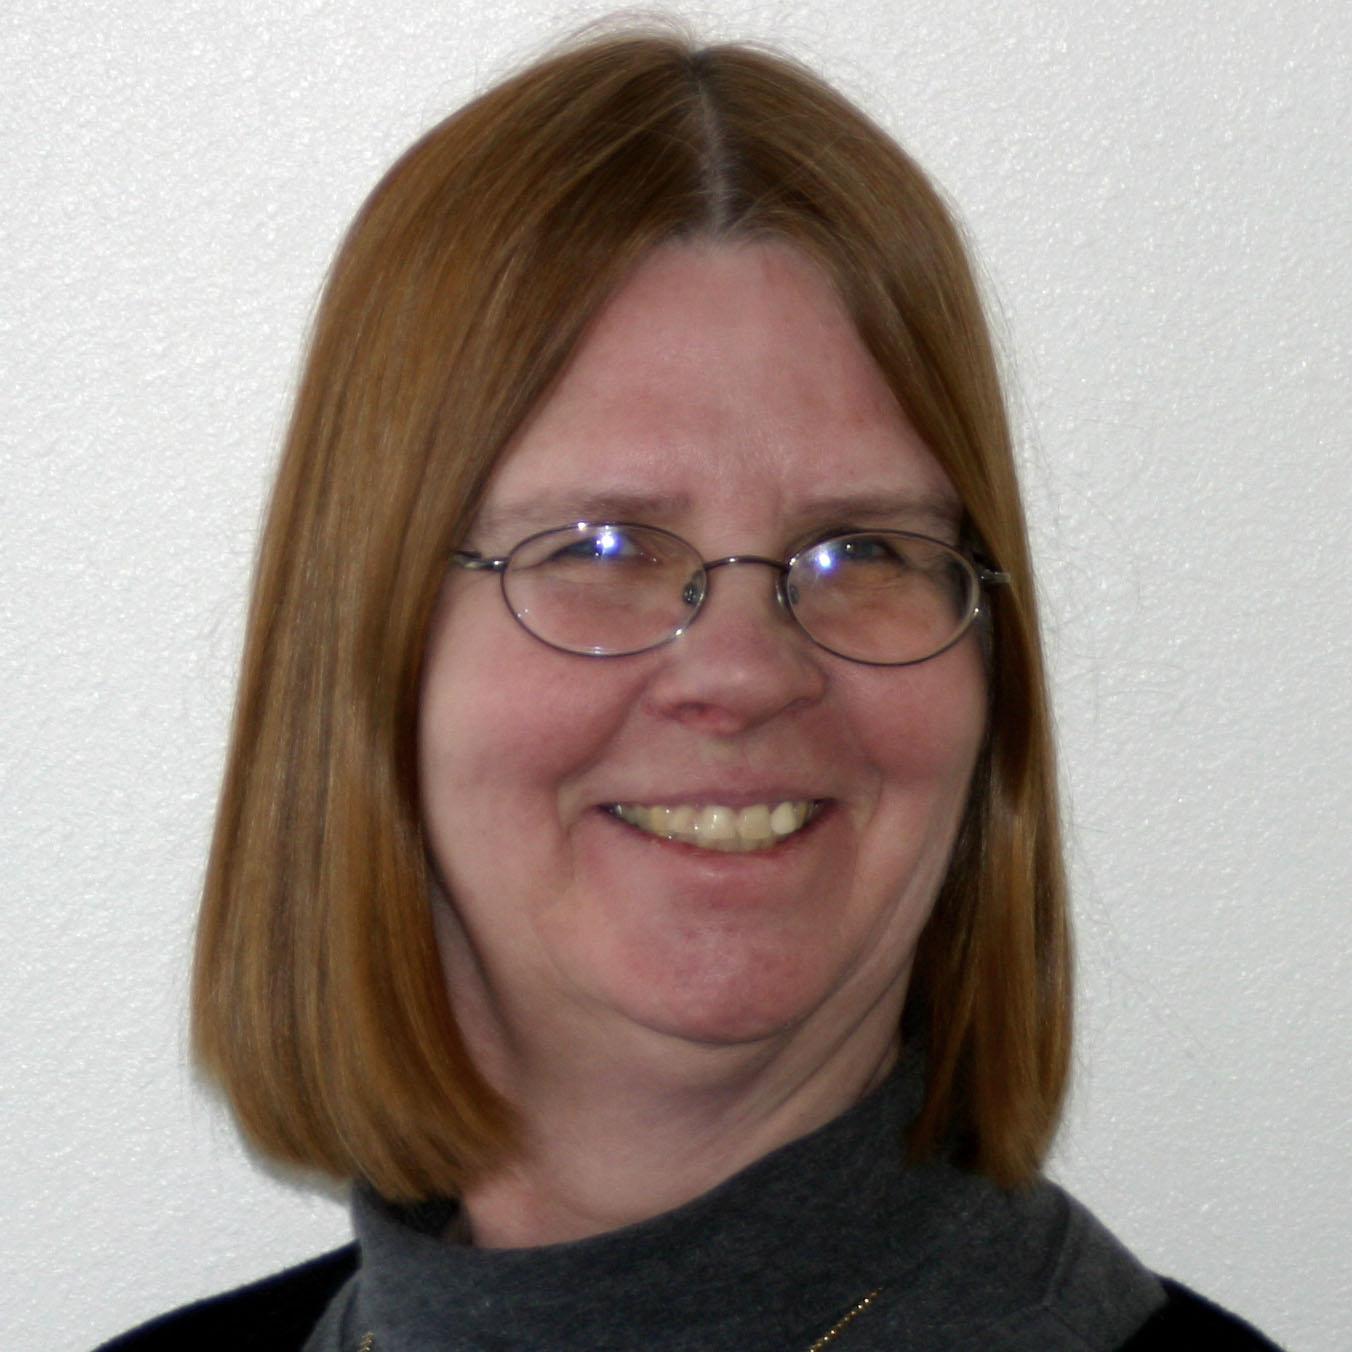 Paula Passi, Instructor - p_passi